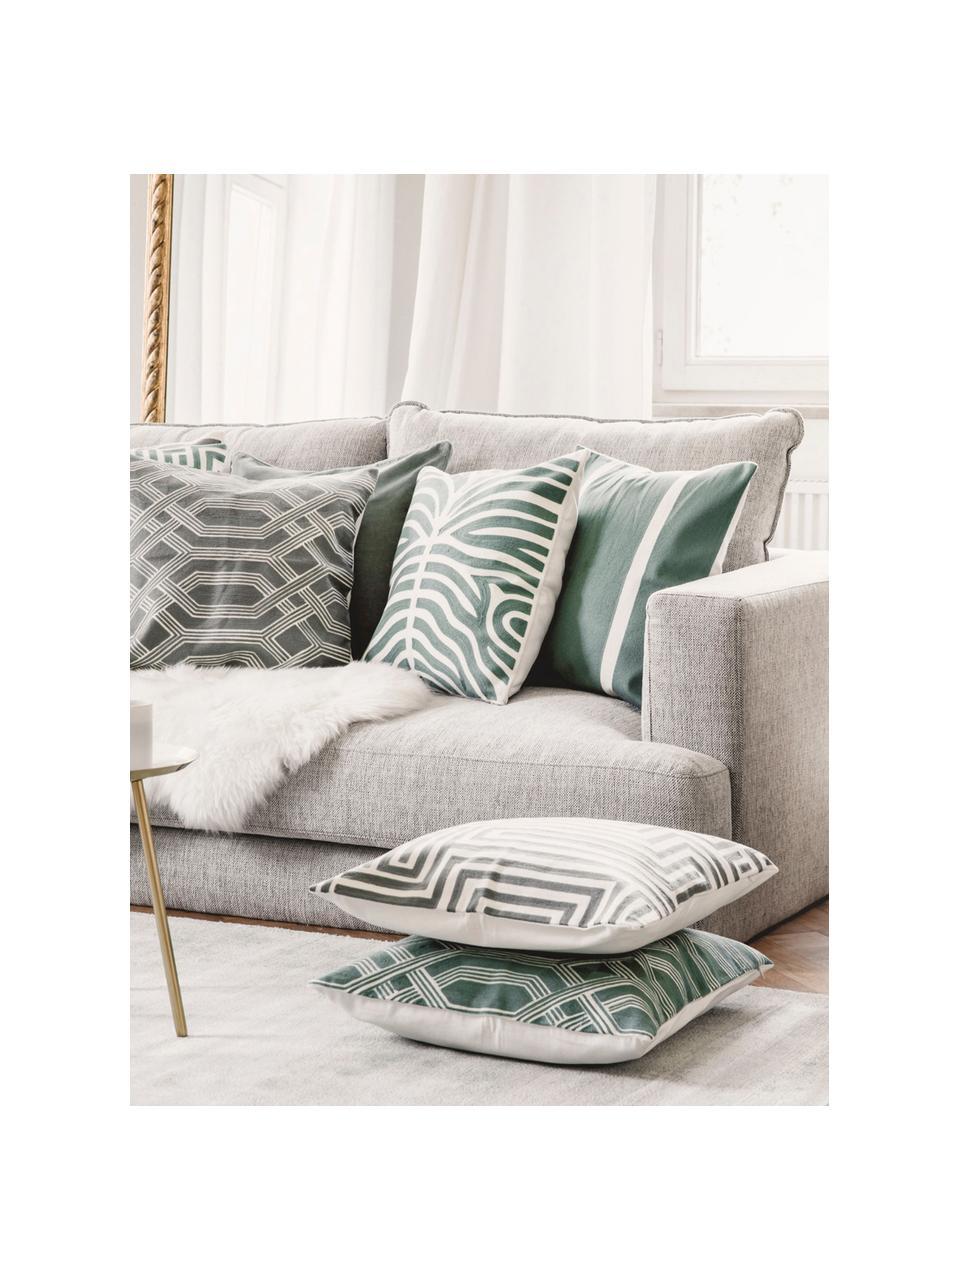 Sofa narożna XL Tribeca, Tapicerka: poliester Dzięki tkaninie, Nogi: lite drewno bukowe, lakie, Beżowoszary, S 405 x G 228 cm